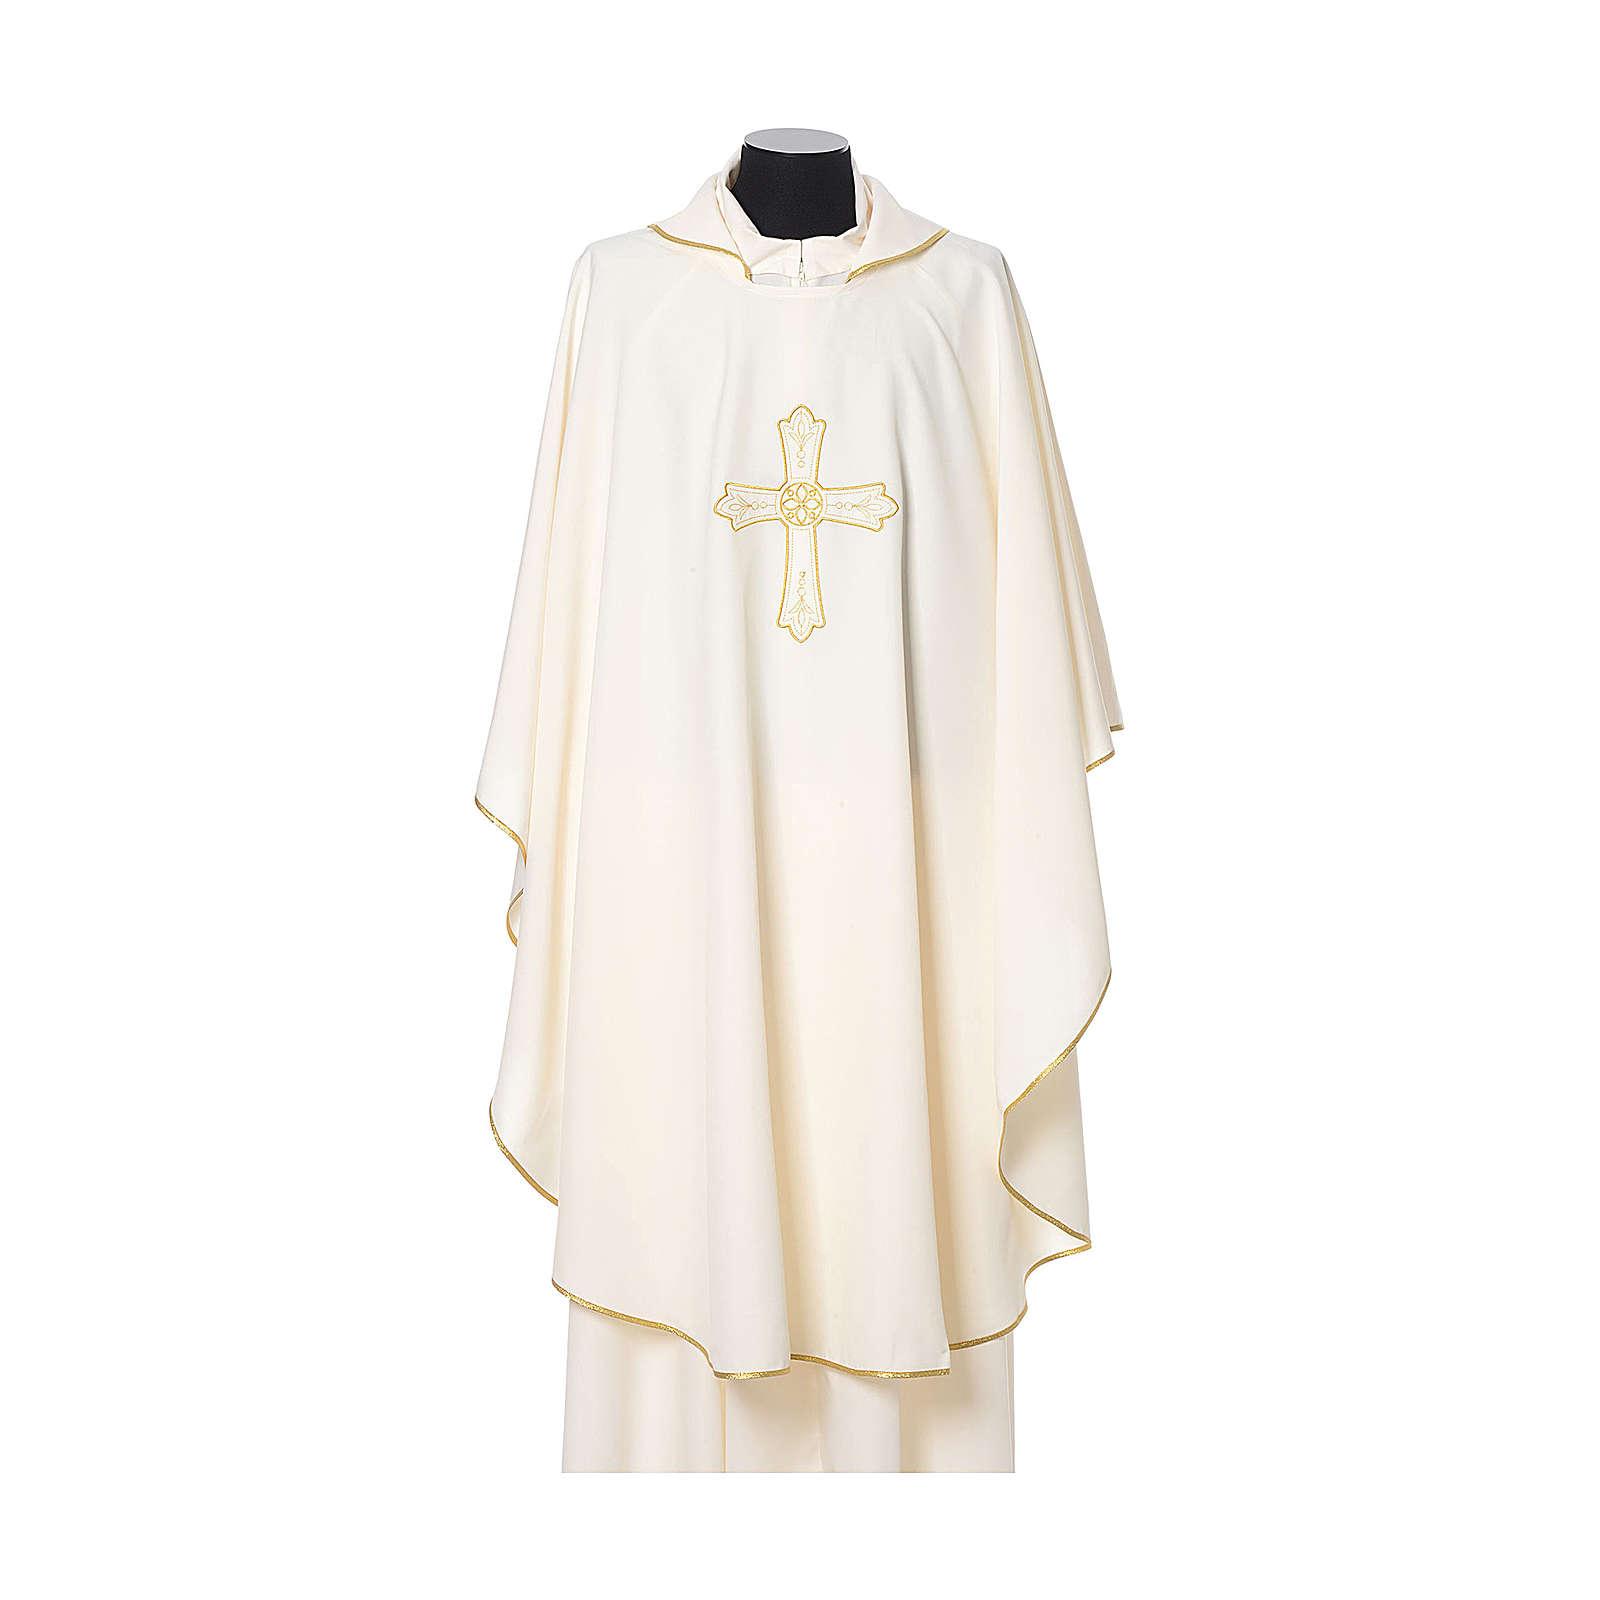 Ornat haftowany krzyż kwiat przód tył tkanina Vatican 100% poliester 4